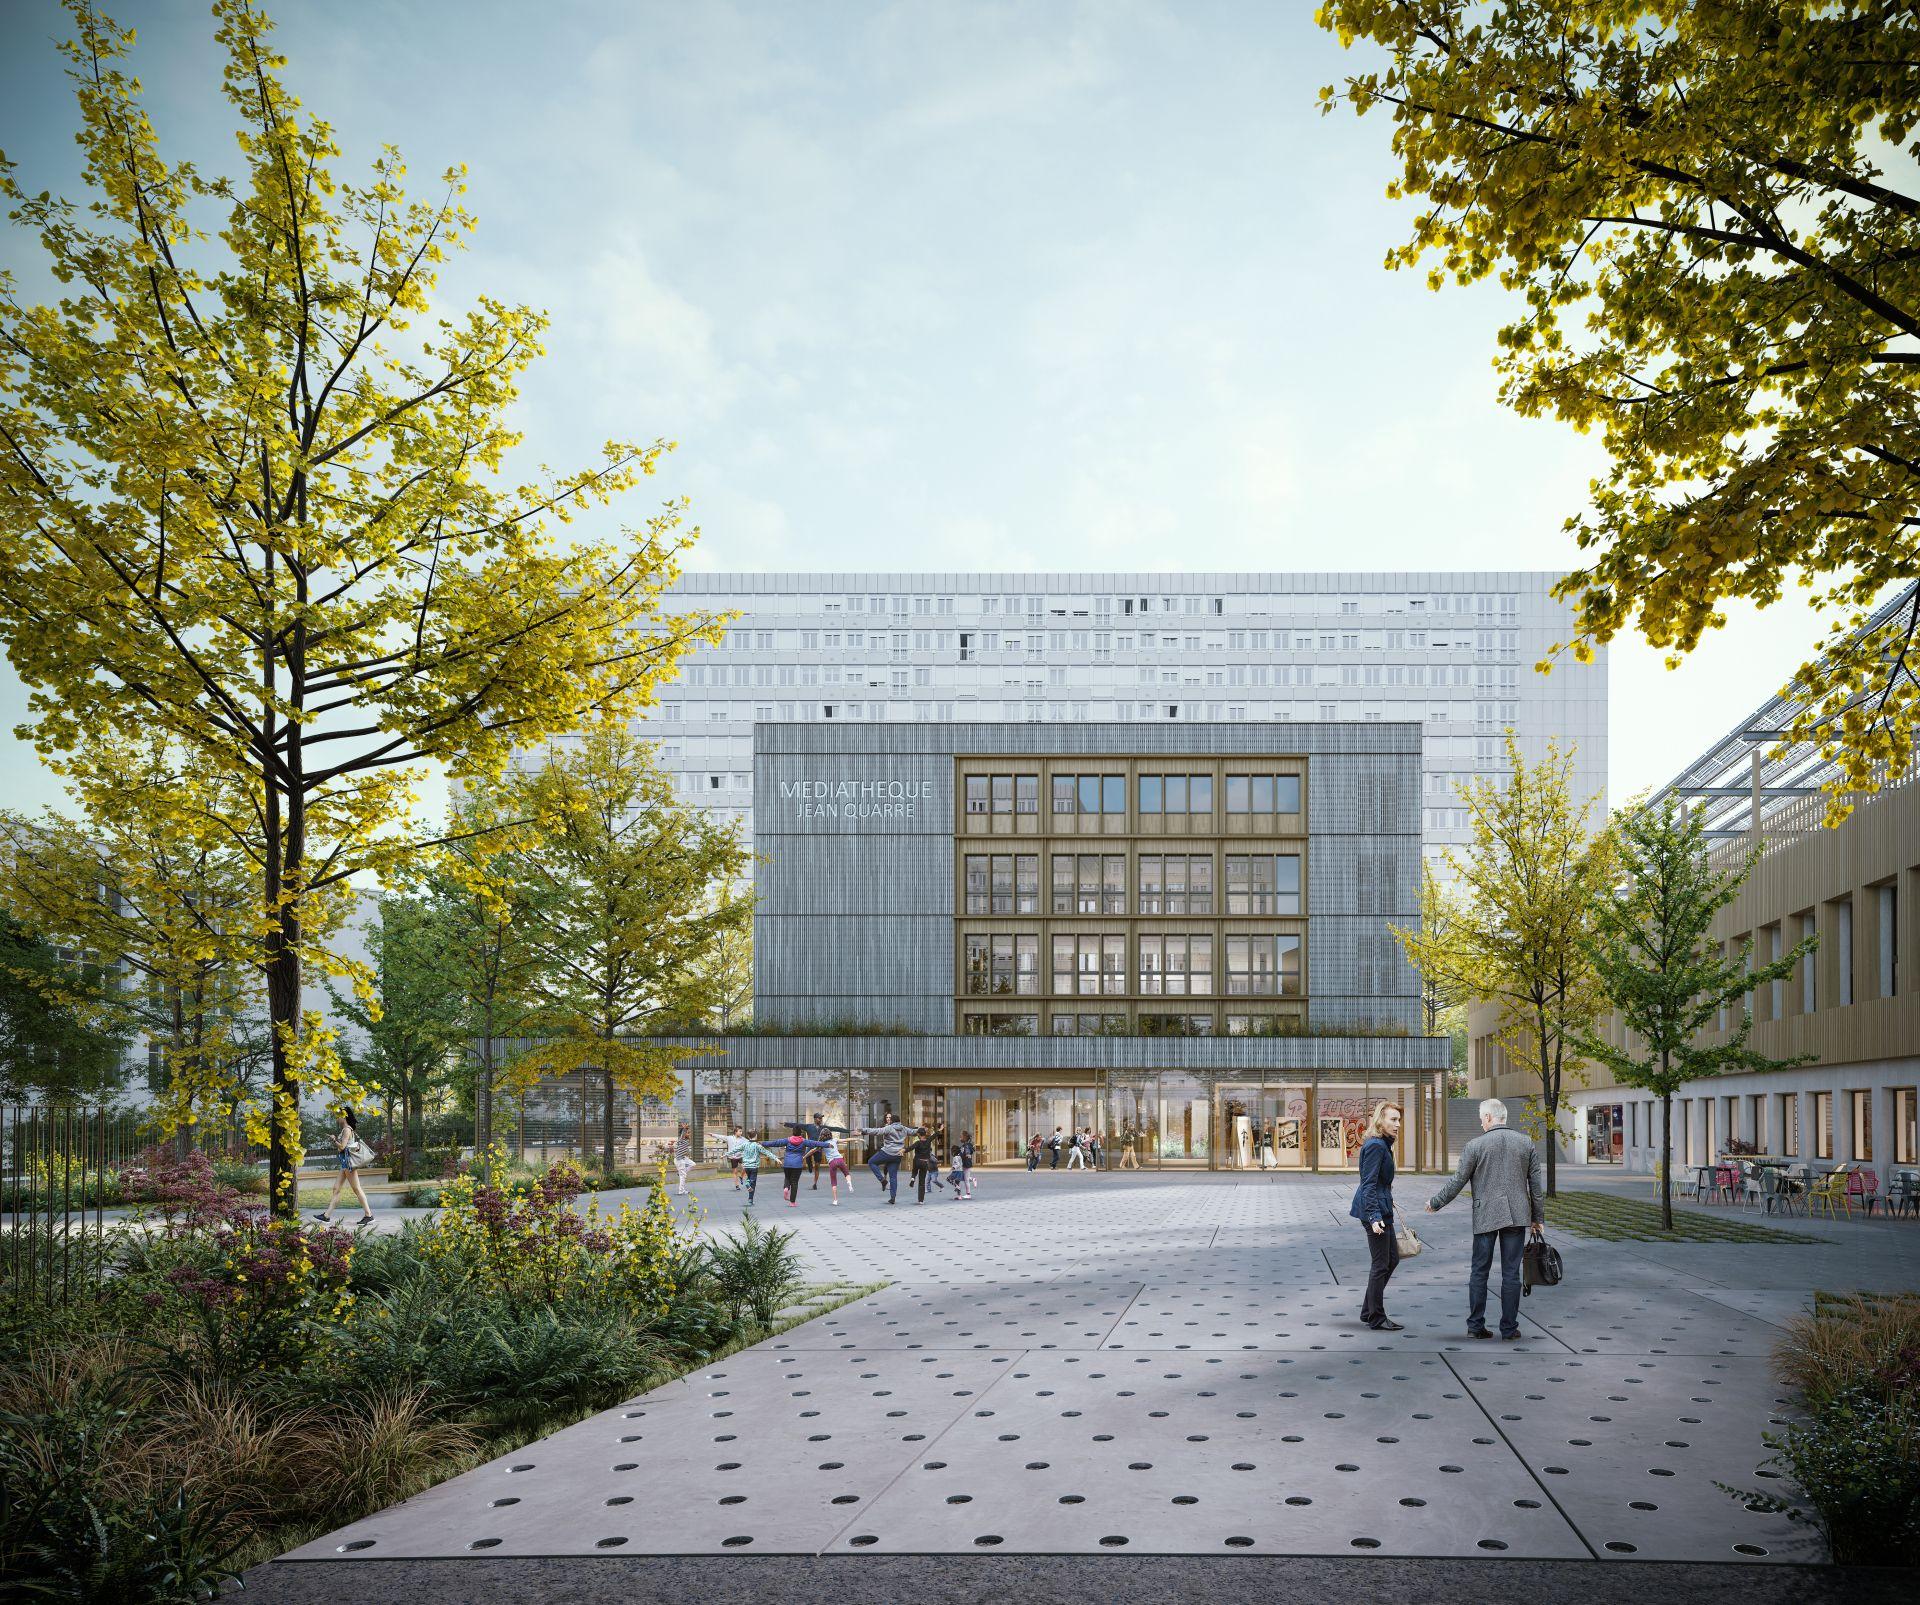 Supervue la architecture eqt paris mediatheque jean quarreMedium